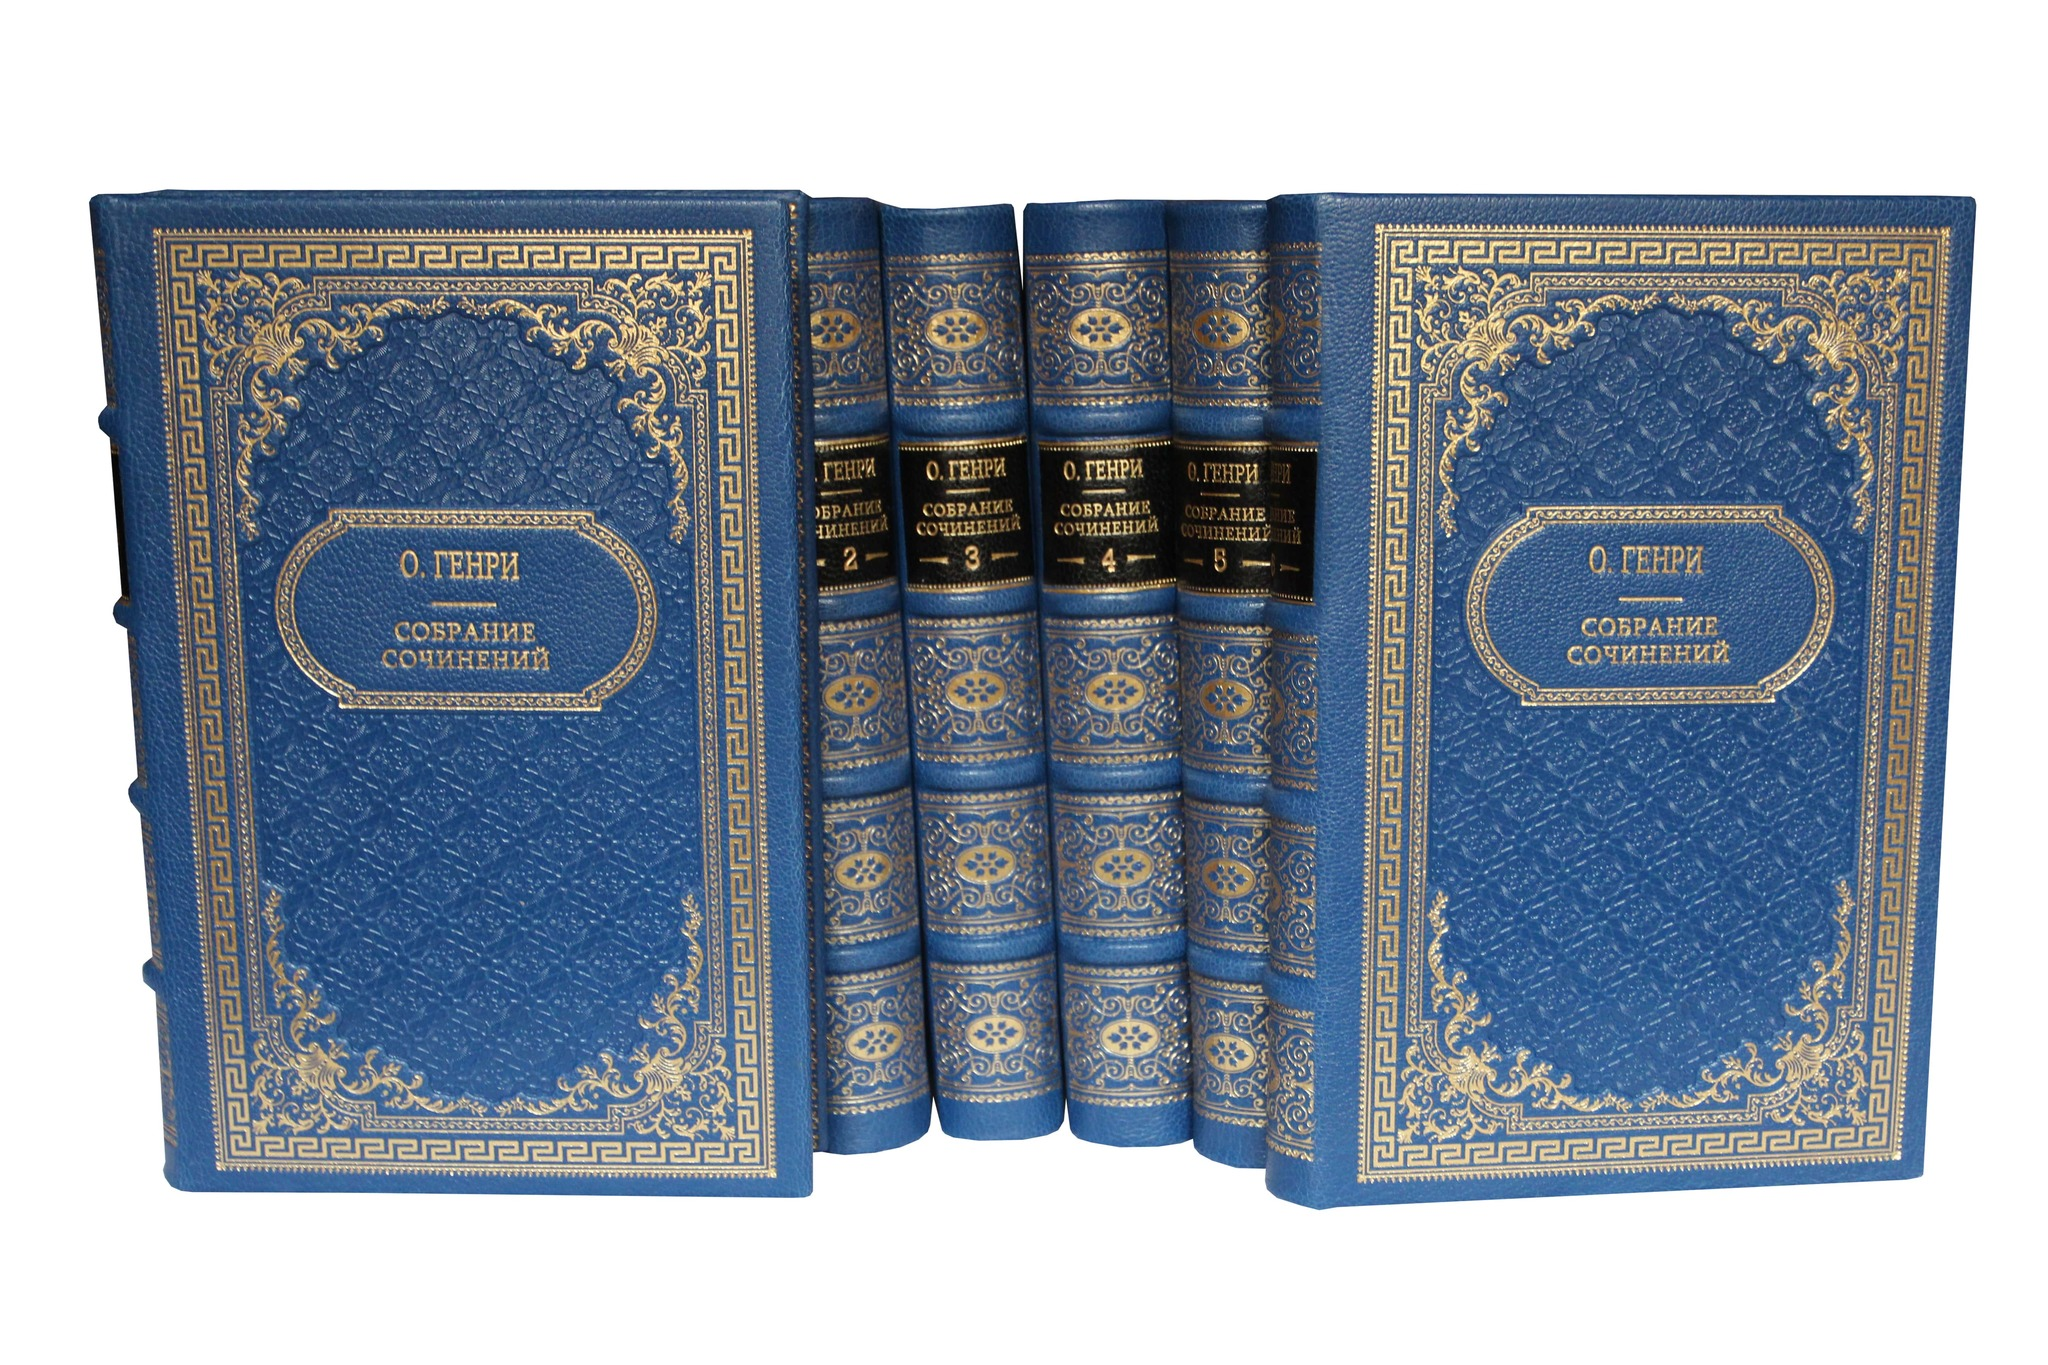 О Генри. Собрание сочинений в 6 томах